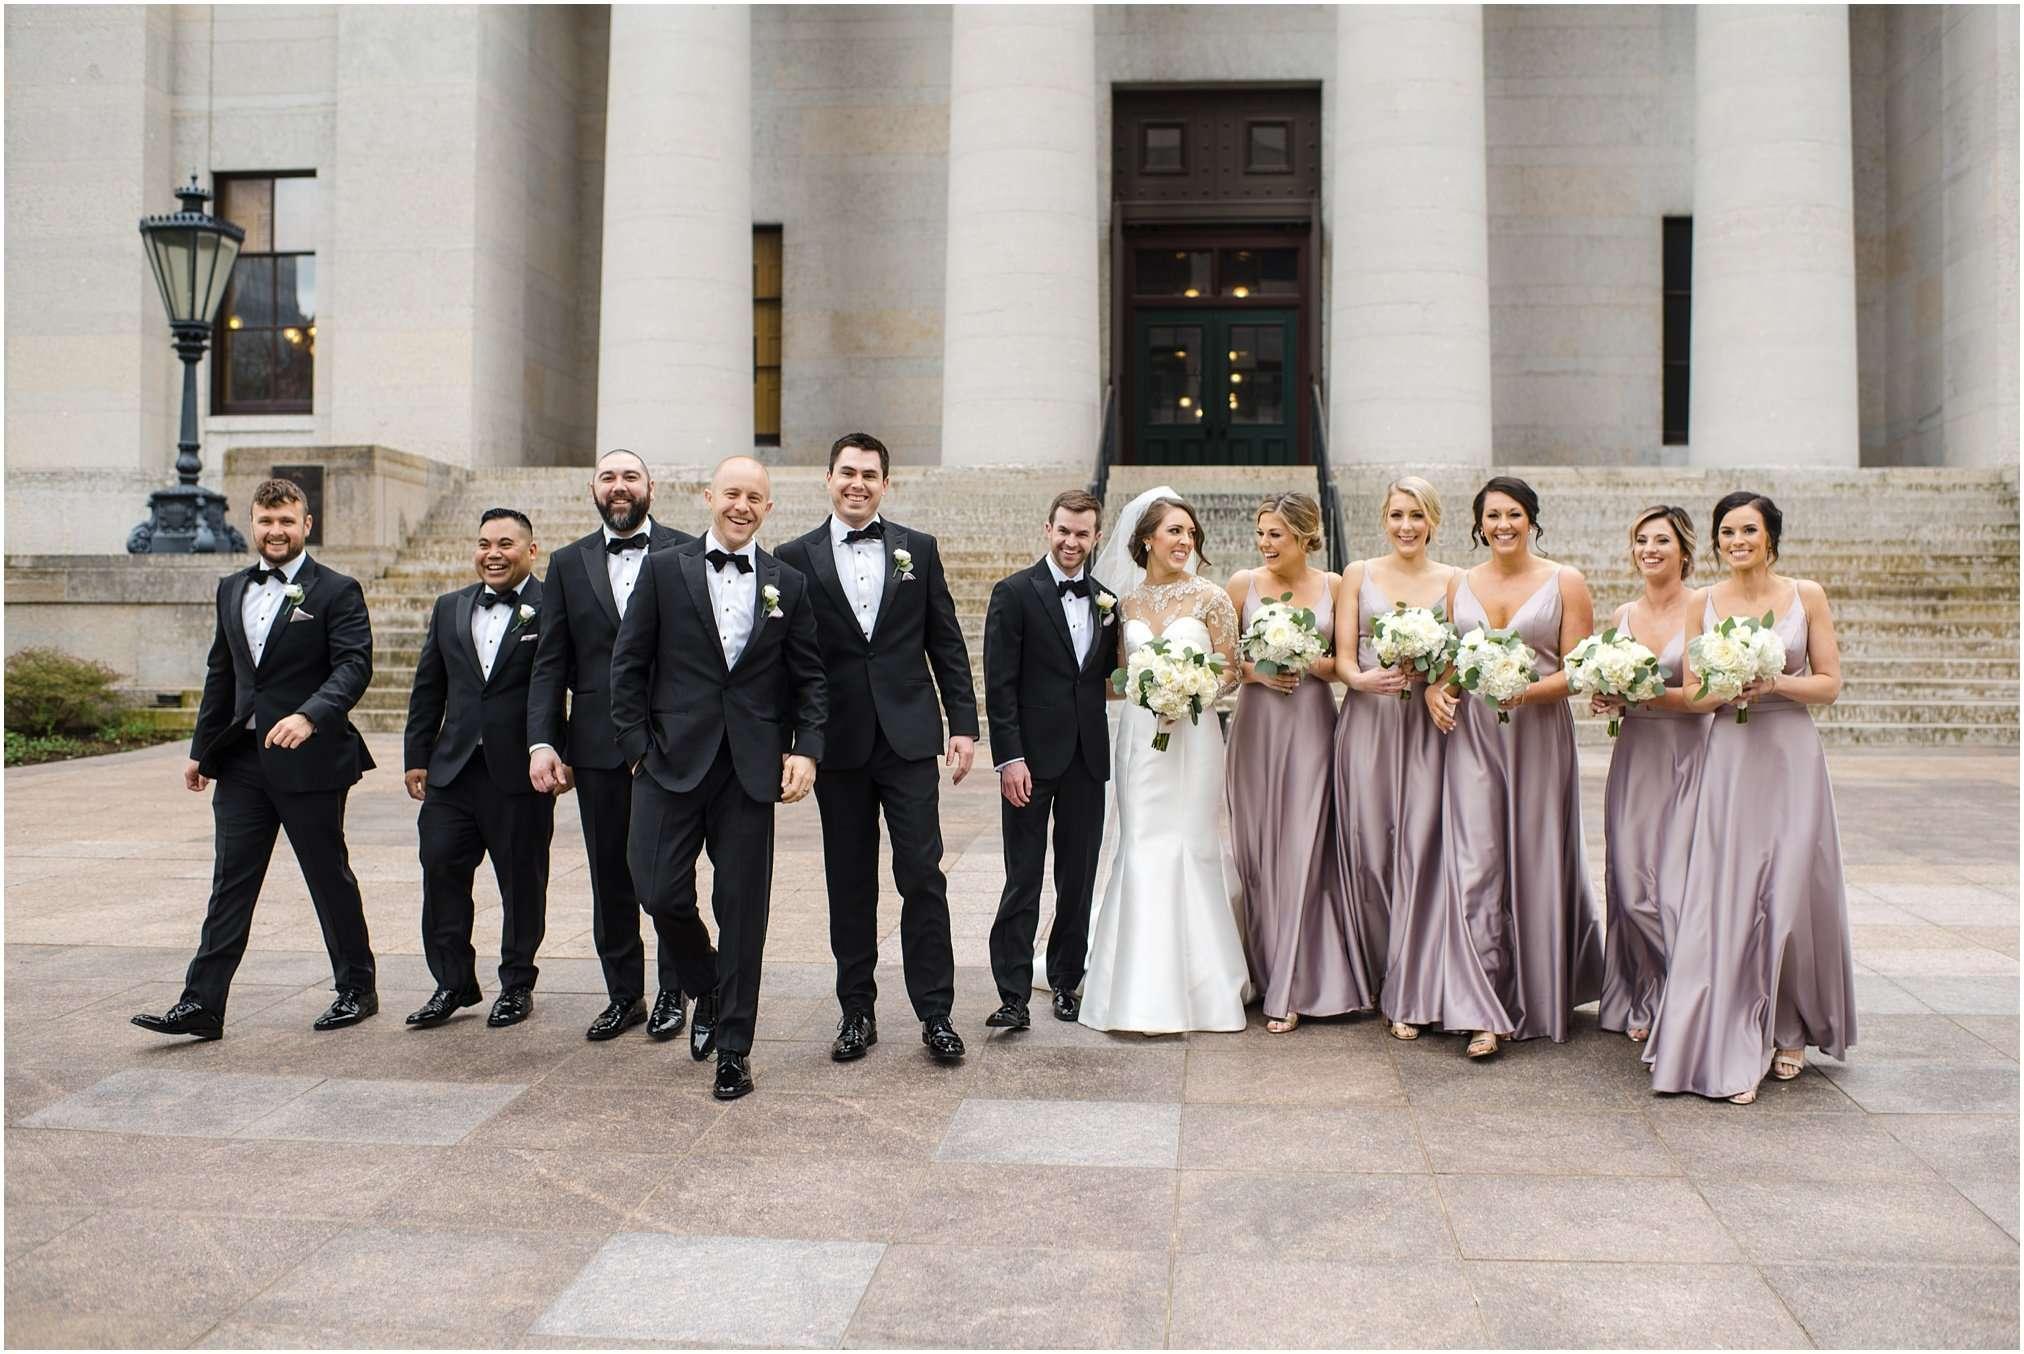 Spring Wedding at the Ohio Statehouse | Columbus Ohio Photography 94